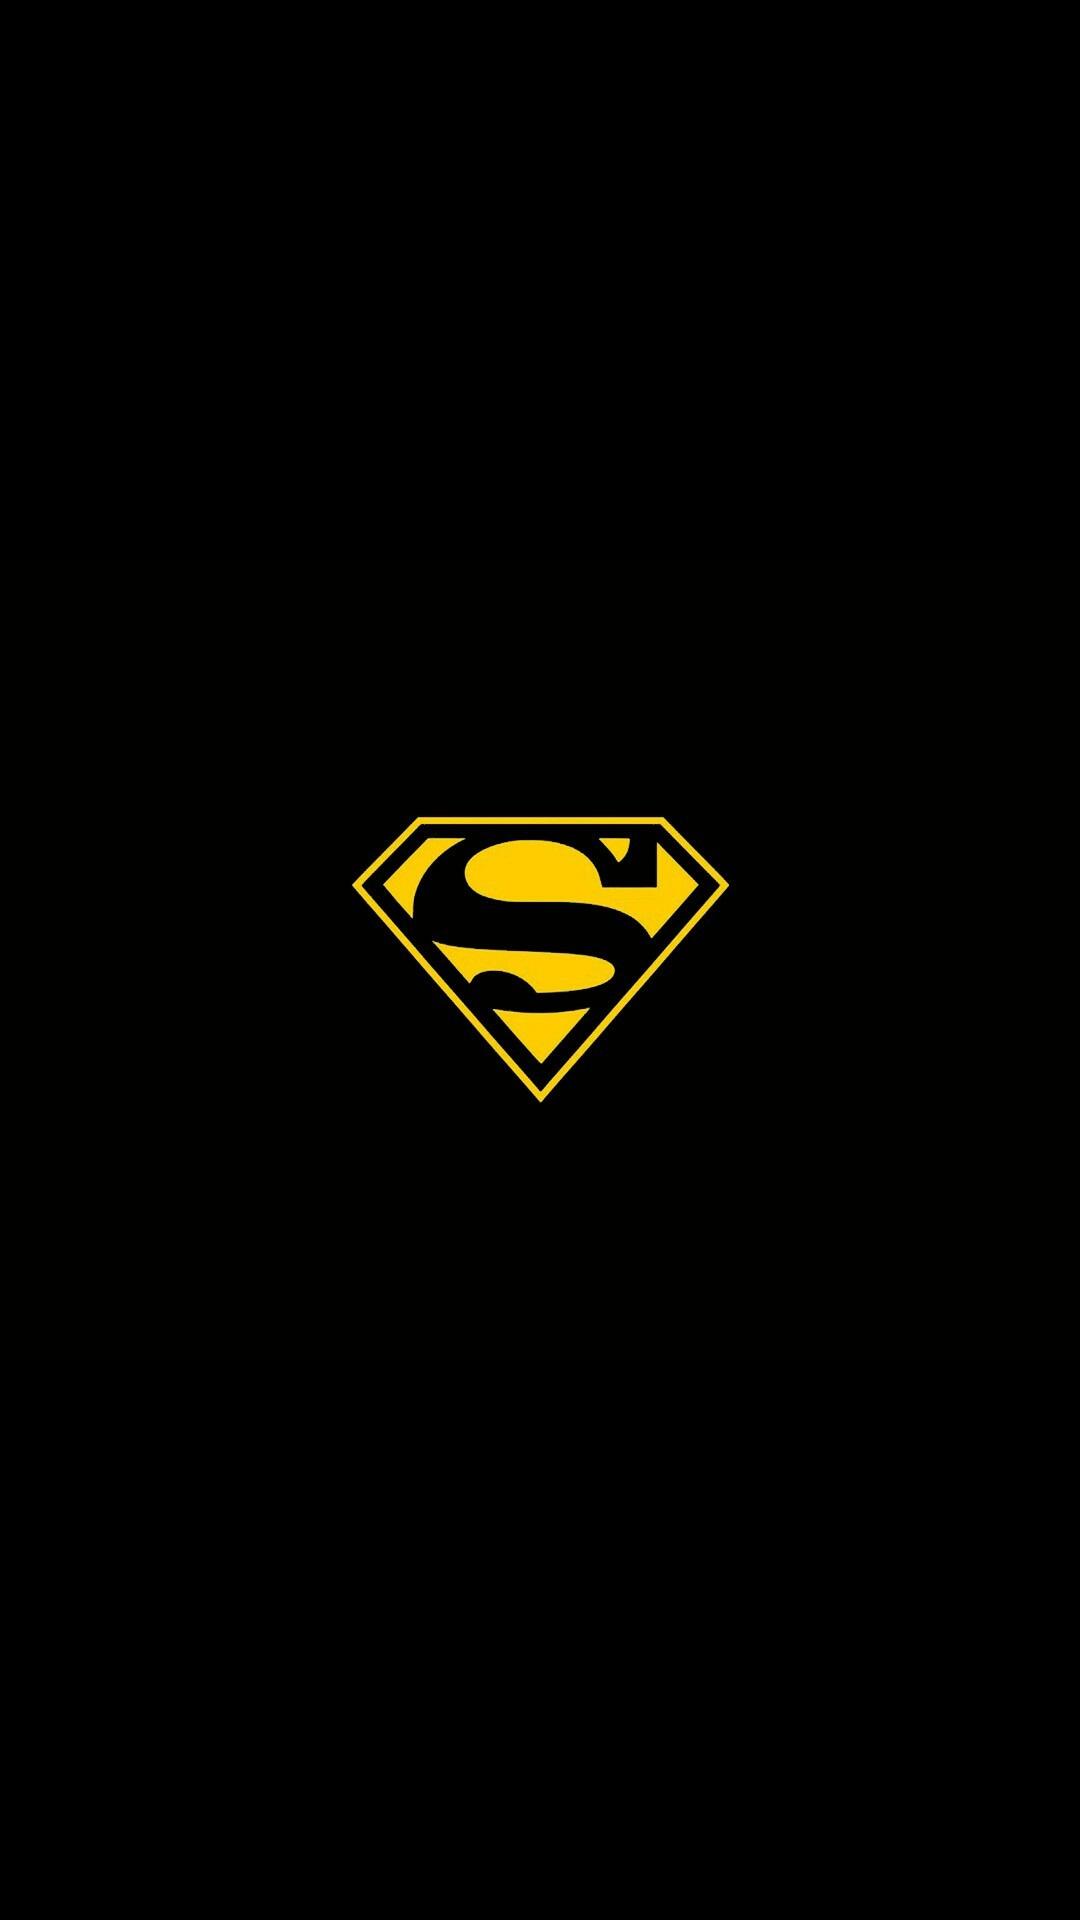 Download 800+ Wallpaper Hd Logo Gratis Terbaru